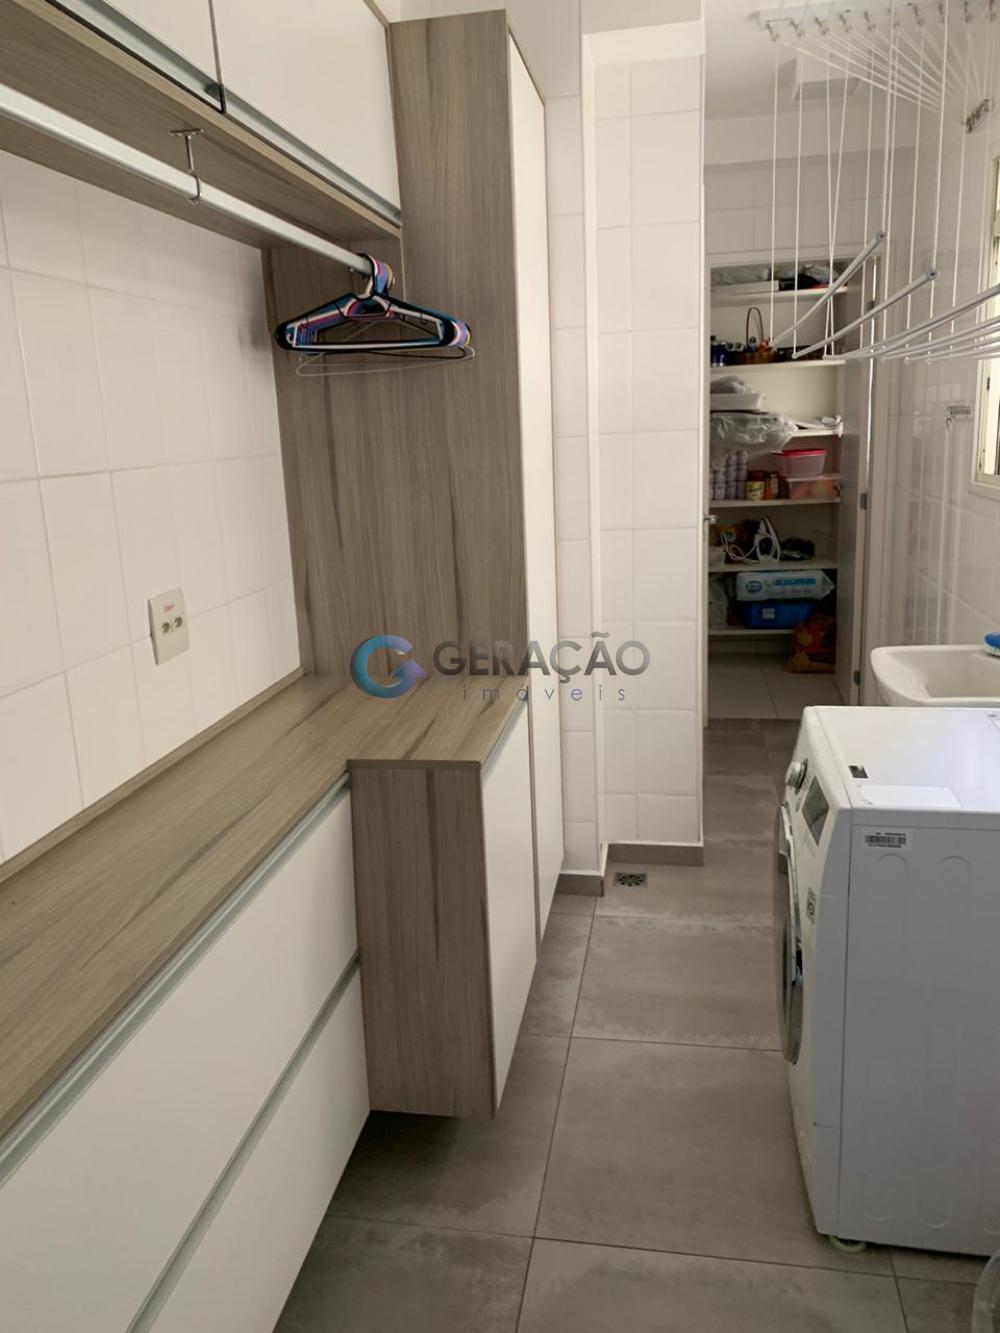 Comprar Apartamento / Padrão em São José dos Campos apenas R$ 1.500.000,00 - Foto 9